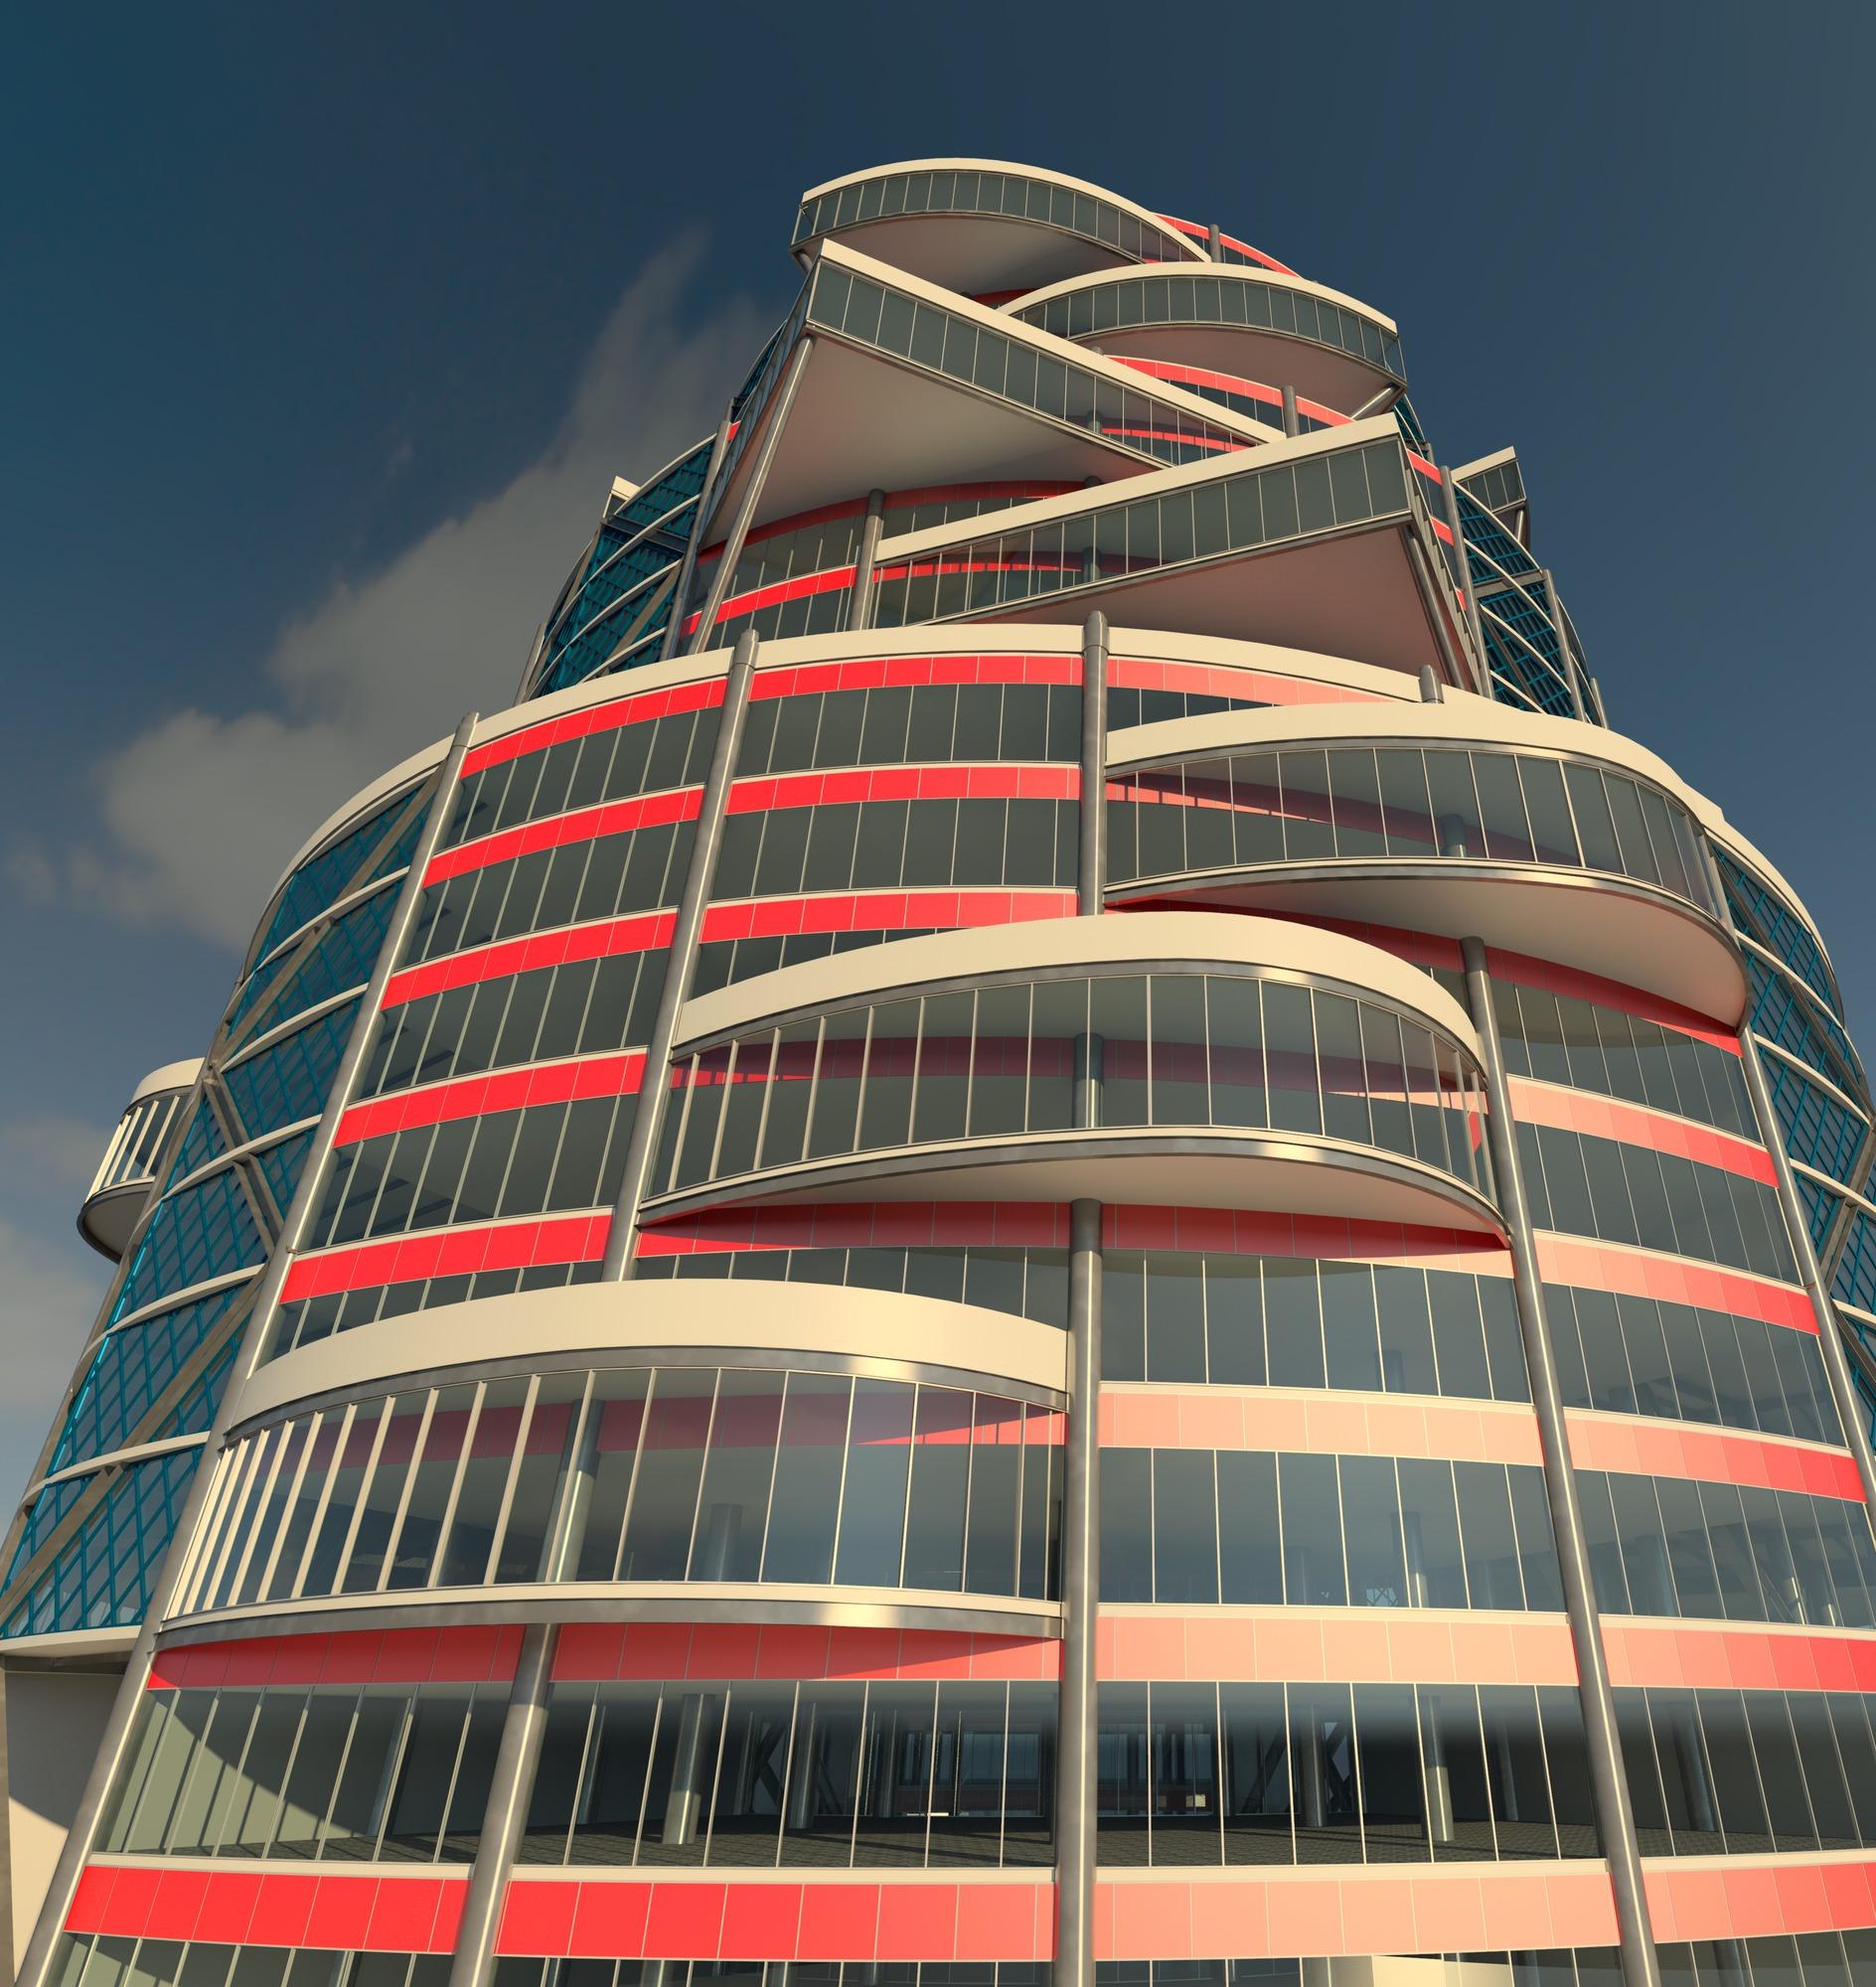 Raas-rendering20141015-13775-r13tkw